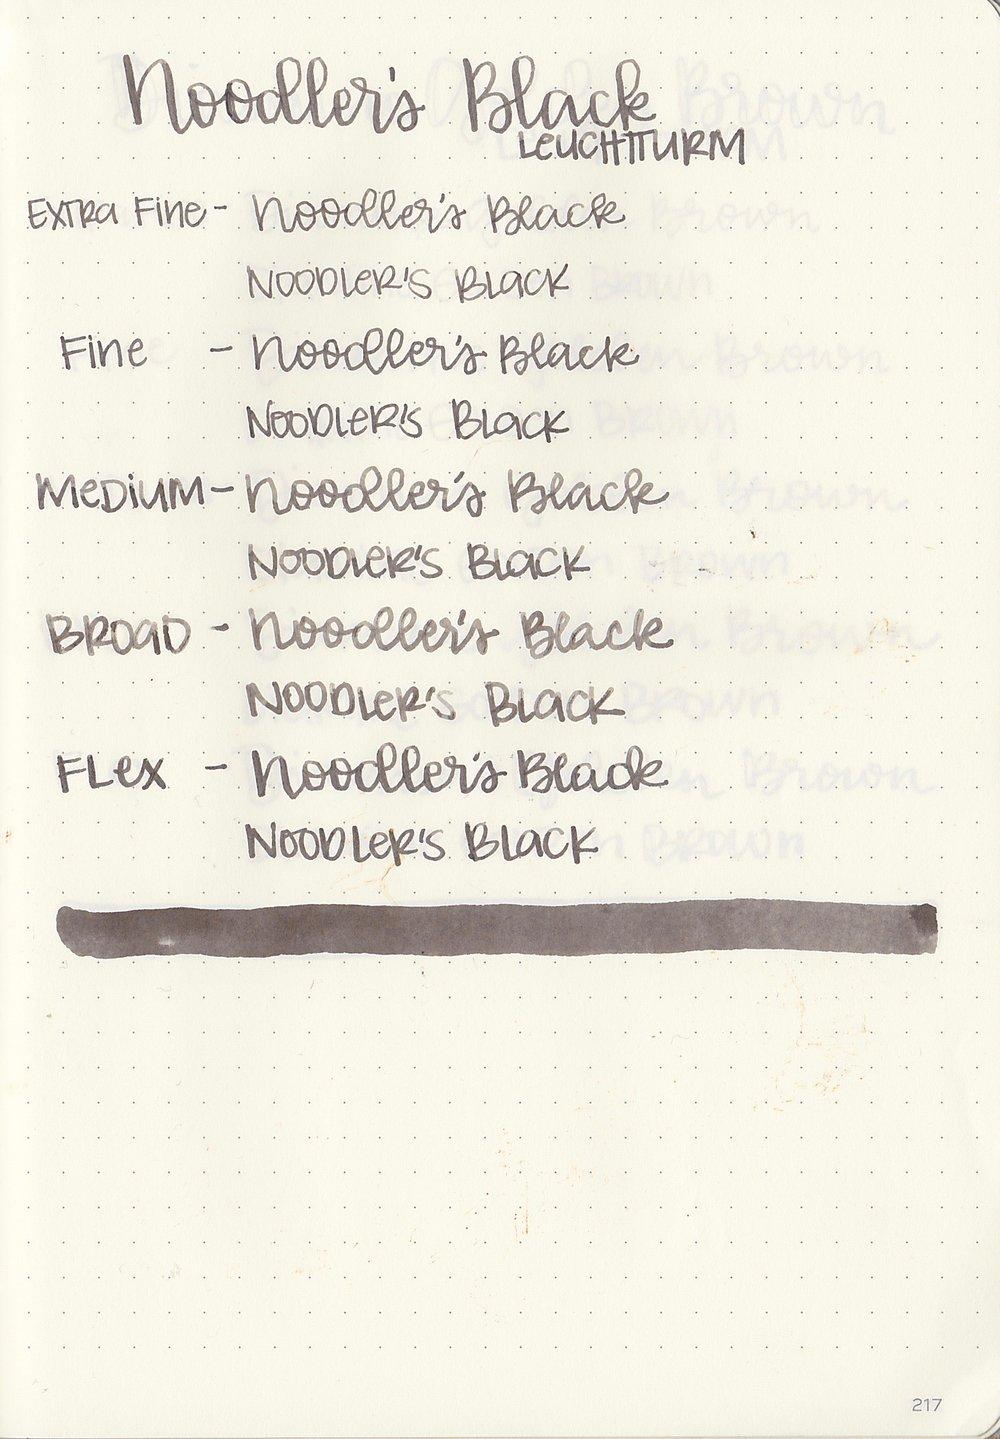 NoodBlack - 9.jpg